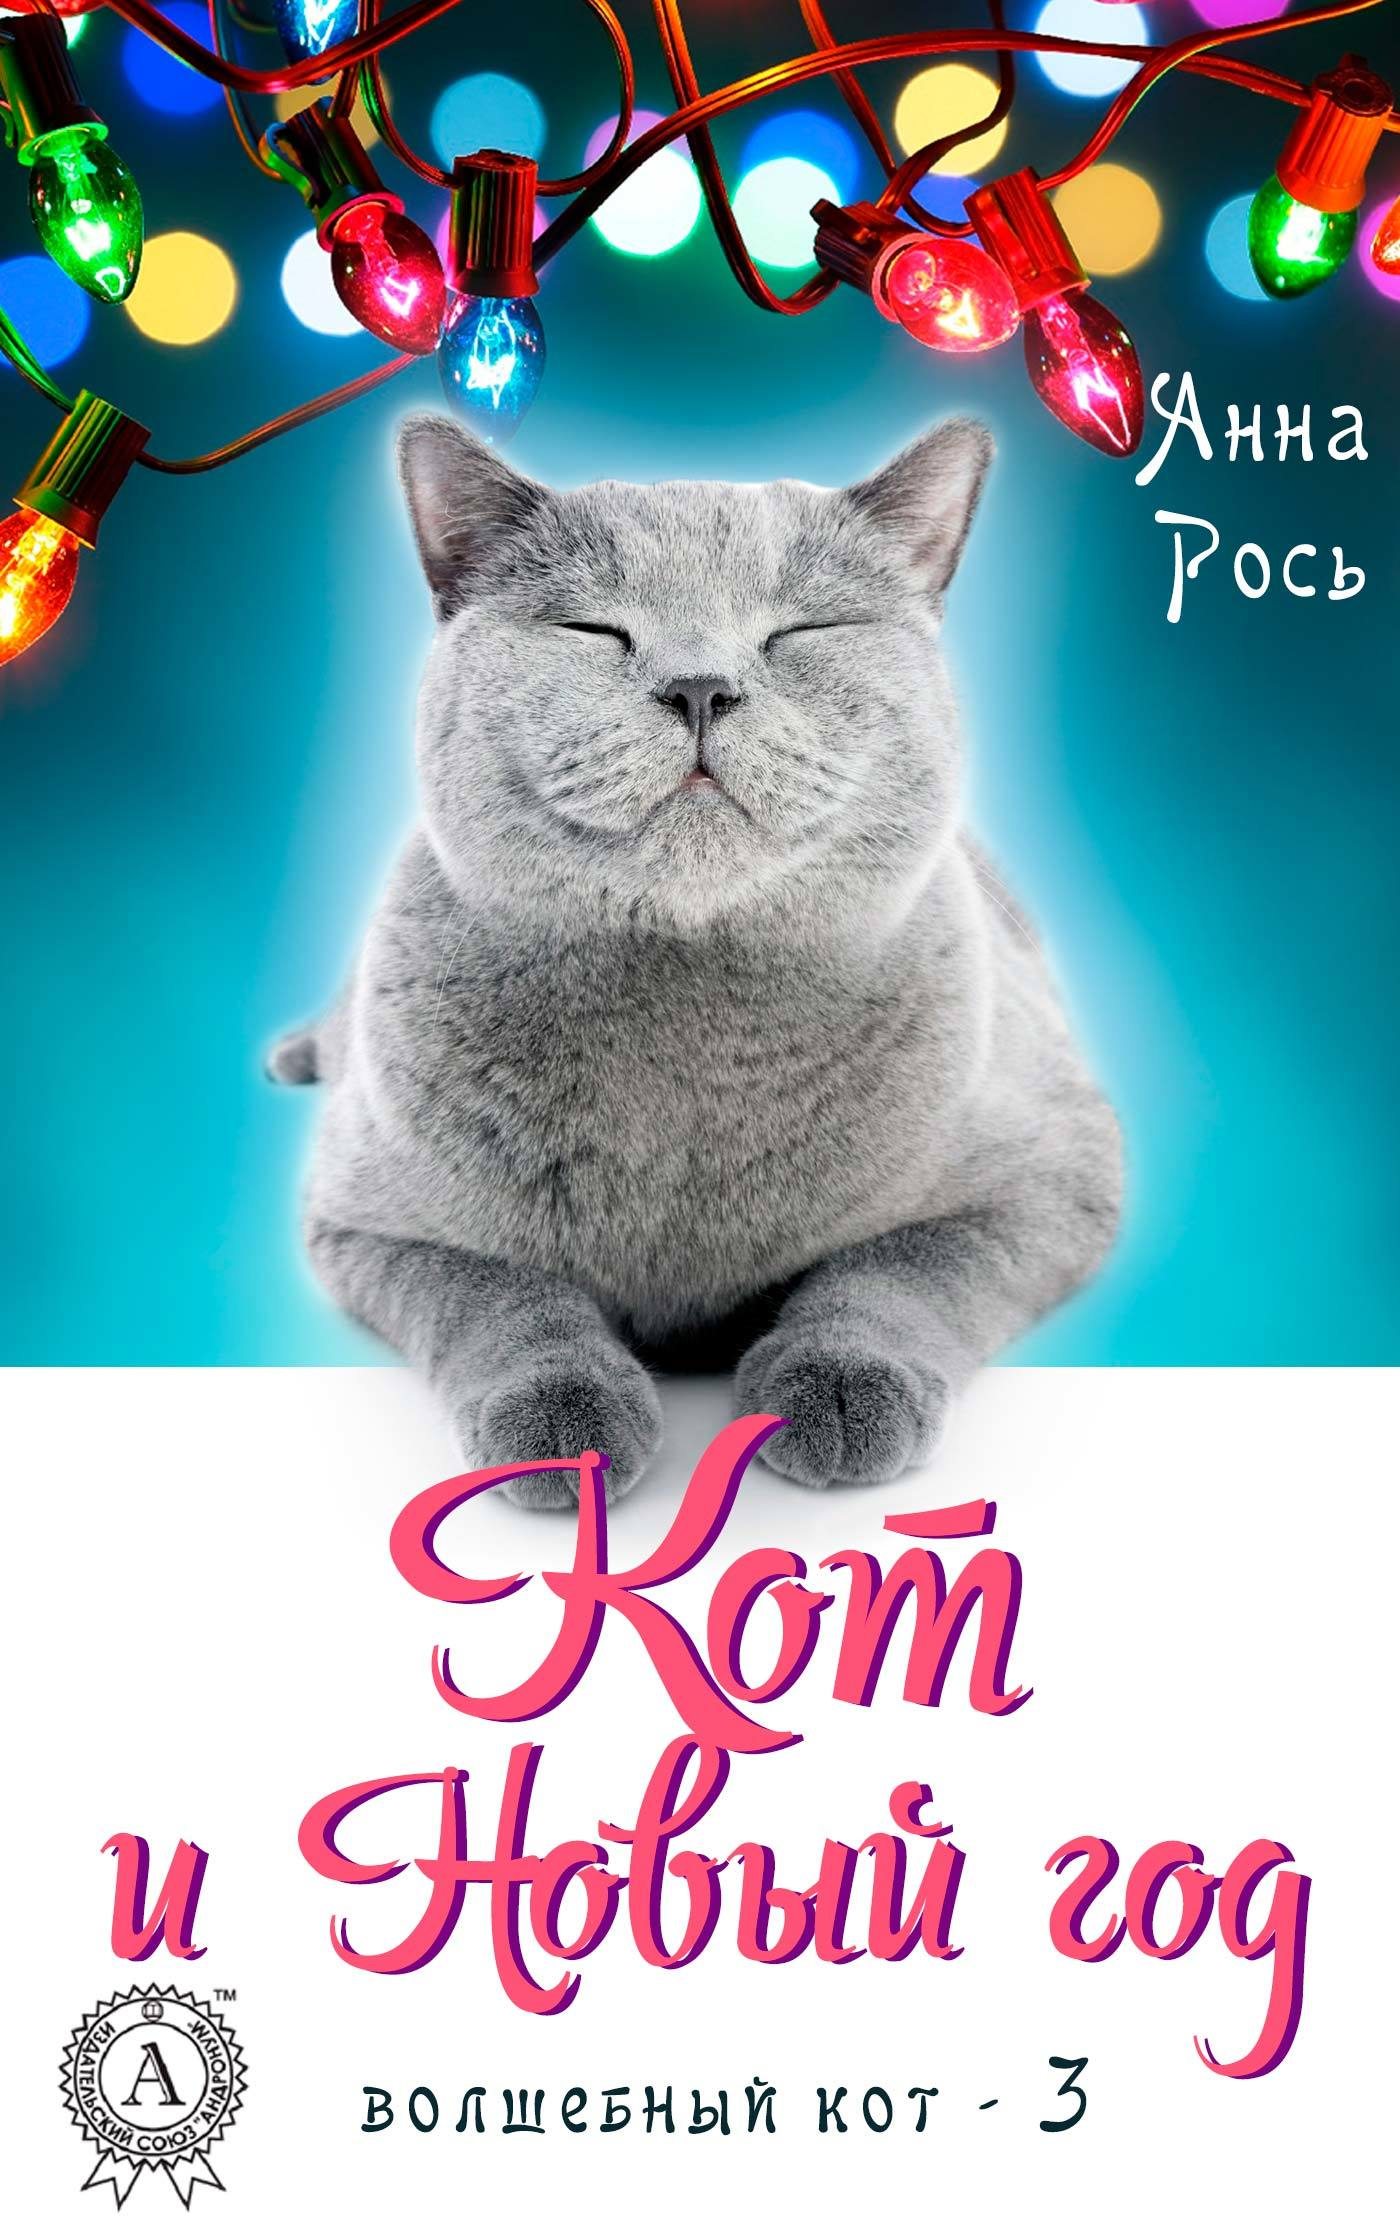 Анна Рось Кот и Новый год малый лист без зубцов 160 летие нового эрмитажа кот д ивуар 2012 год